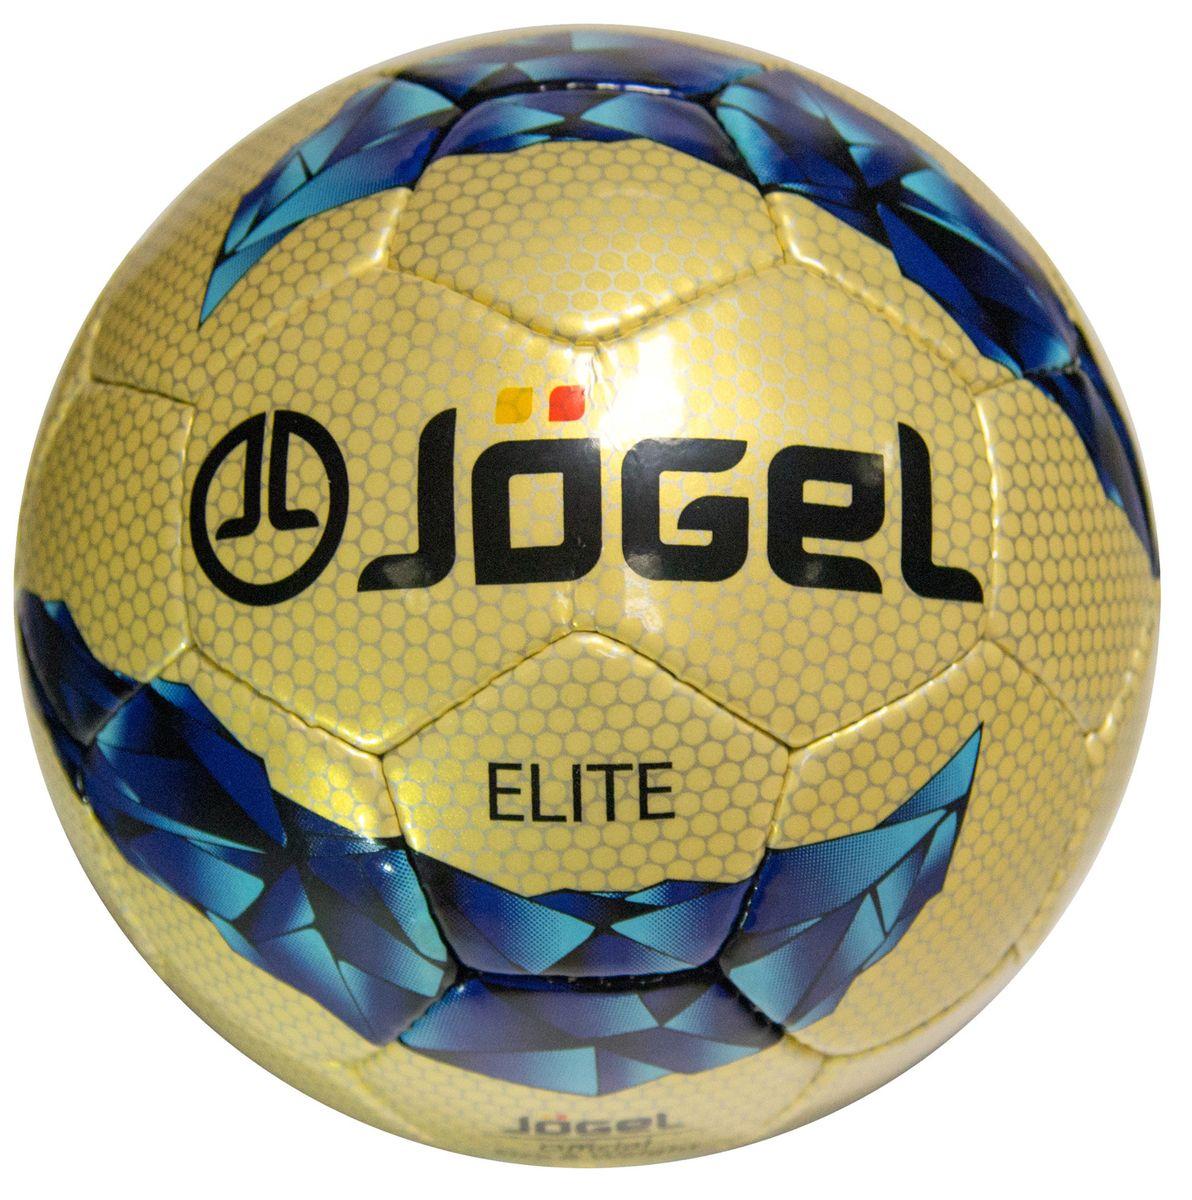 Мяч футбольный Jogel Elite, цвет: золотистый, фиолетовый, голубой. Размер 5. JS-800230_604Футбольный мяч JS-800 Elite с прочной покрышкой толщиной 1.5 мм из синтетической кожи, сшитой вручную, имеет отличные технические характеристики, соответствующие требованиям тренировочного процесса. В нем предусмотрено четыре подкладочных слоя из смеси хлопка с полиэстером. Камера из латекса хорошо держит давление. Мяч футбольный JS-800 Elite станет отличным выбором для тренировок и проведения любительских матчей.Вес: 410-450 гр.Длина окружности: 68-70 см.Рекомендованные покрытия: натуральный газон, синтетическая трава. Рекомендованное давление: 0.6-0.8 бар. УВАЖАЕМЫЕ КЛИЕНТЫ!Обращаем ваше внимание на тот факт, что мяч поставляется в сдутом виде. Насос в комплект не входит.